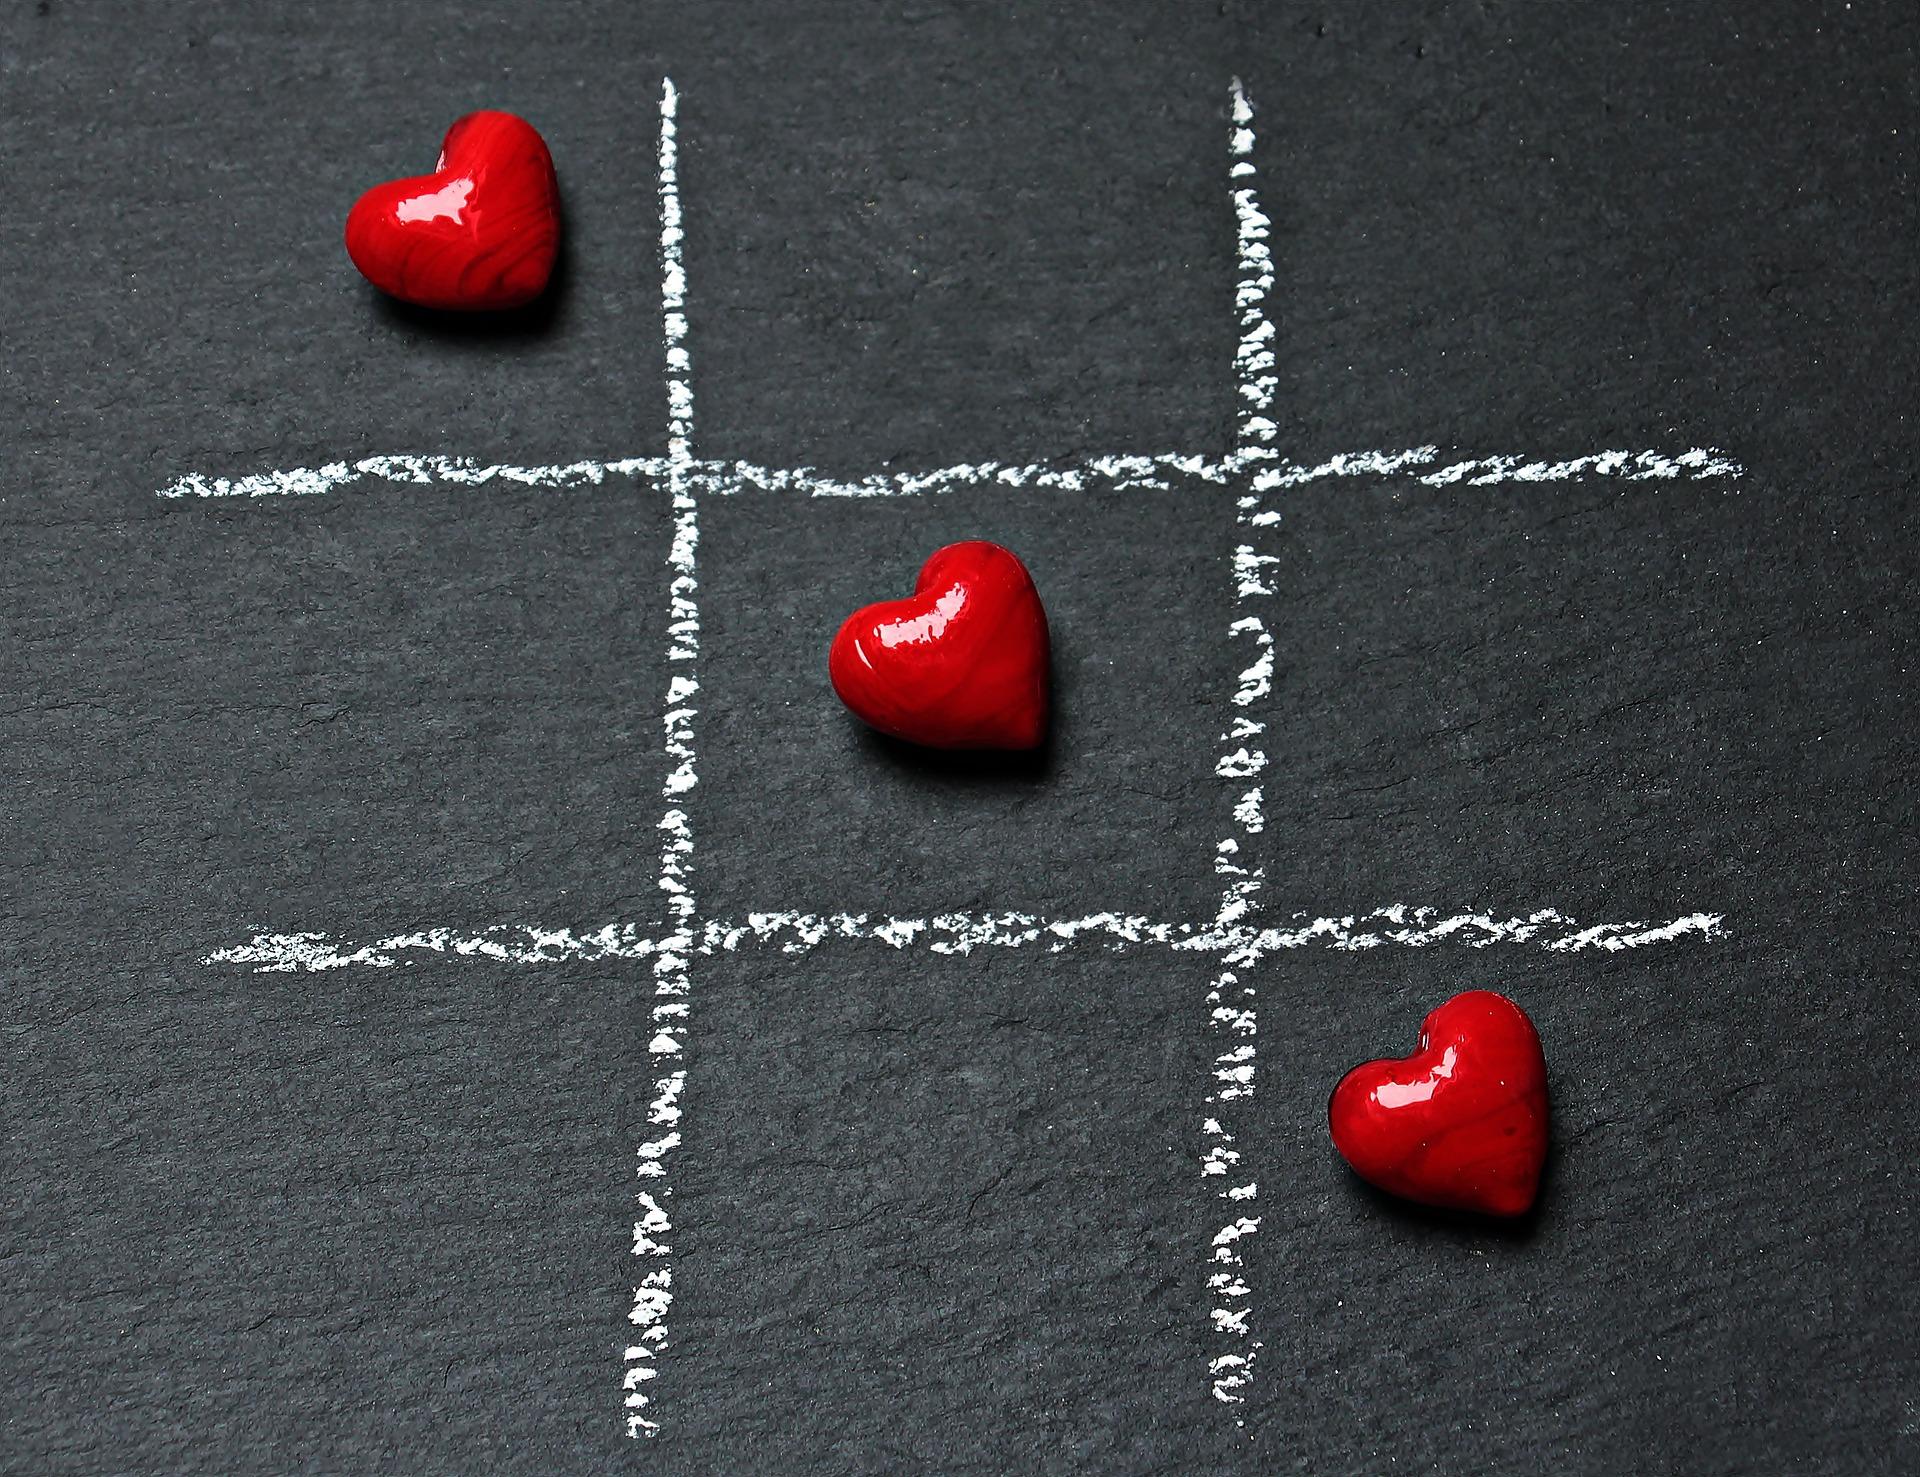 Polyamorie - Verbindliche Beziehung zu mehr als einem Menschen